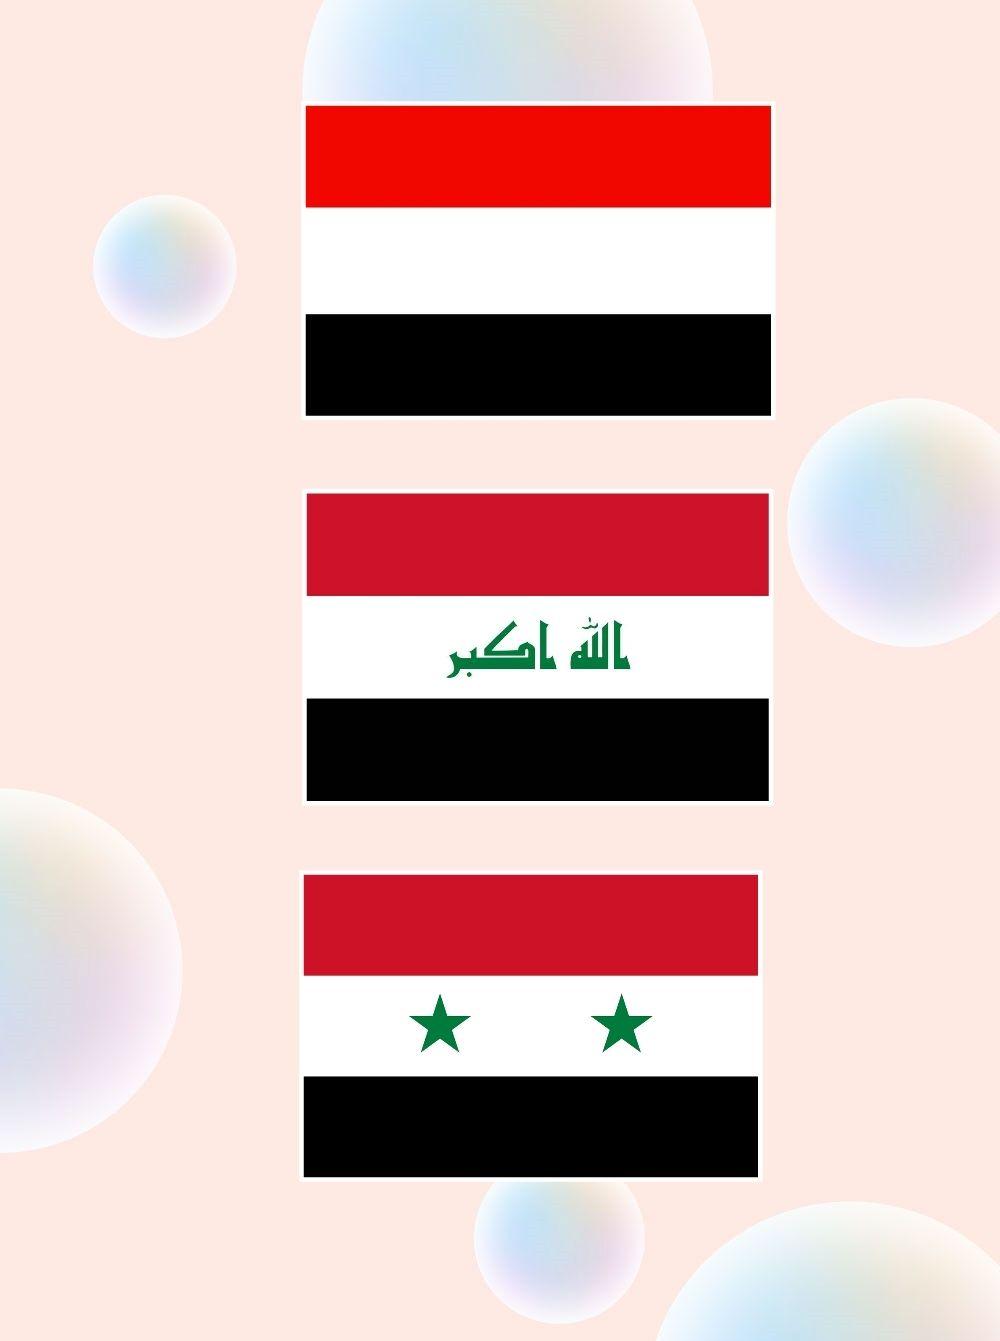 三 色 旗